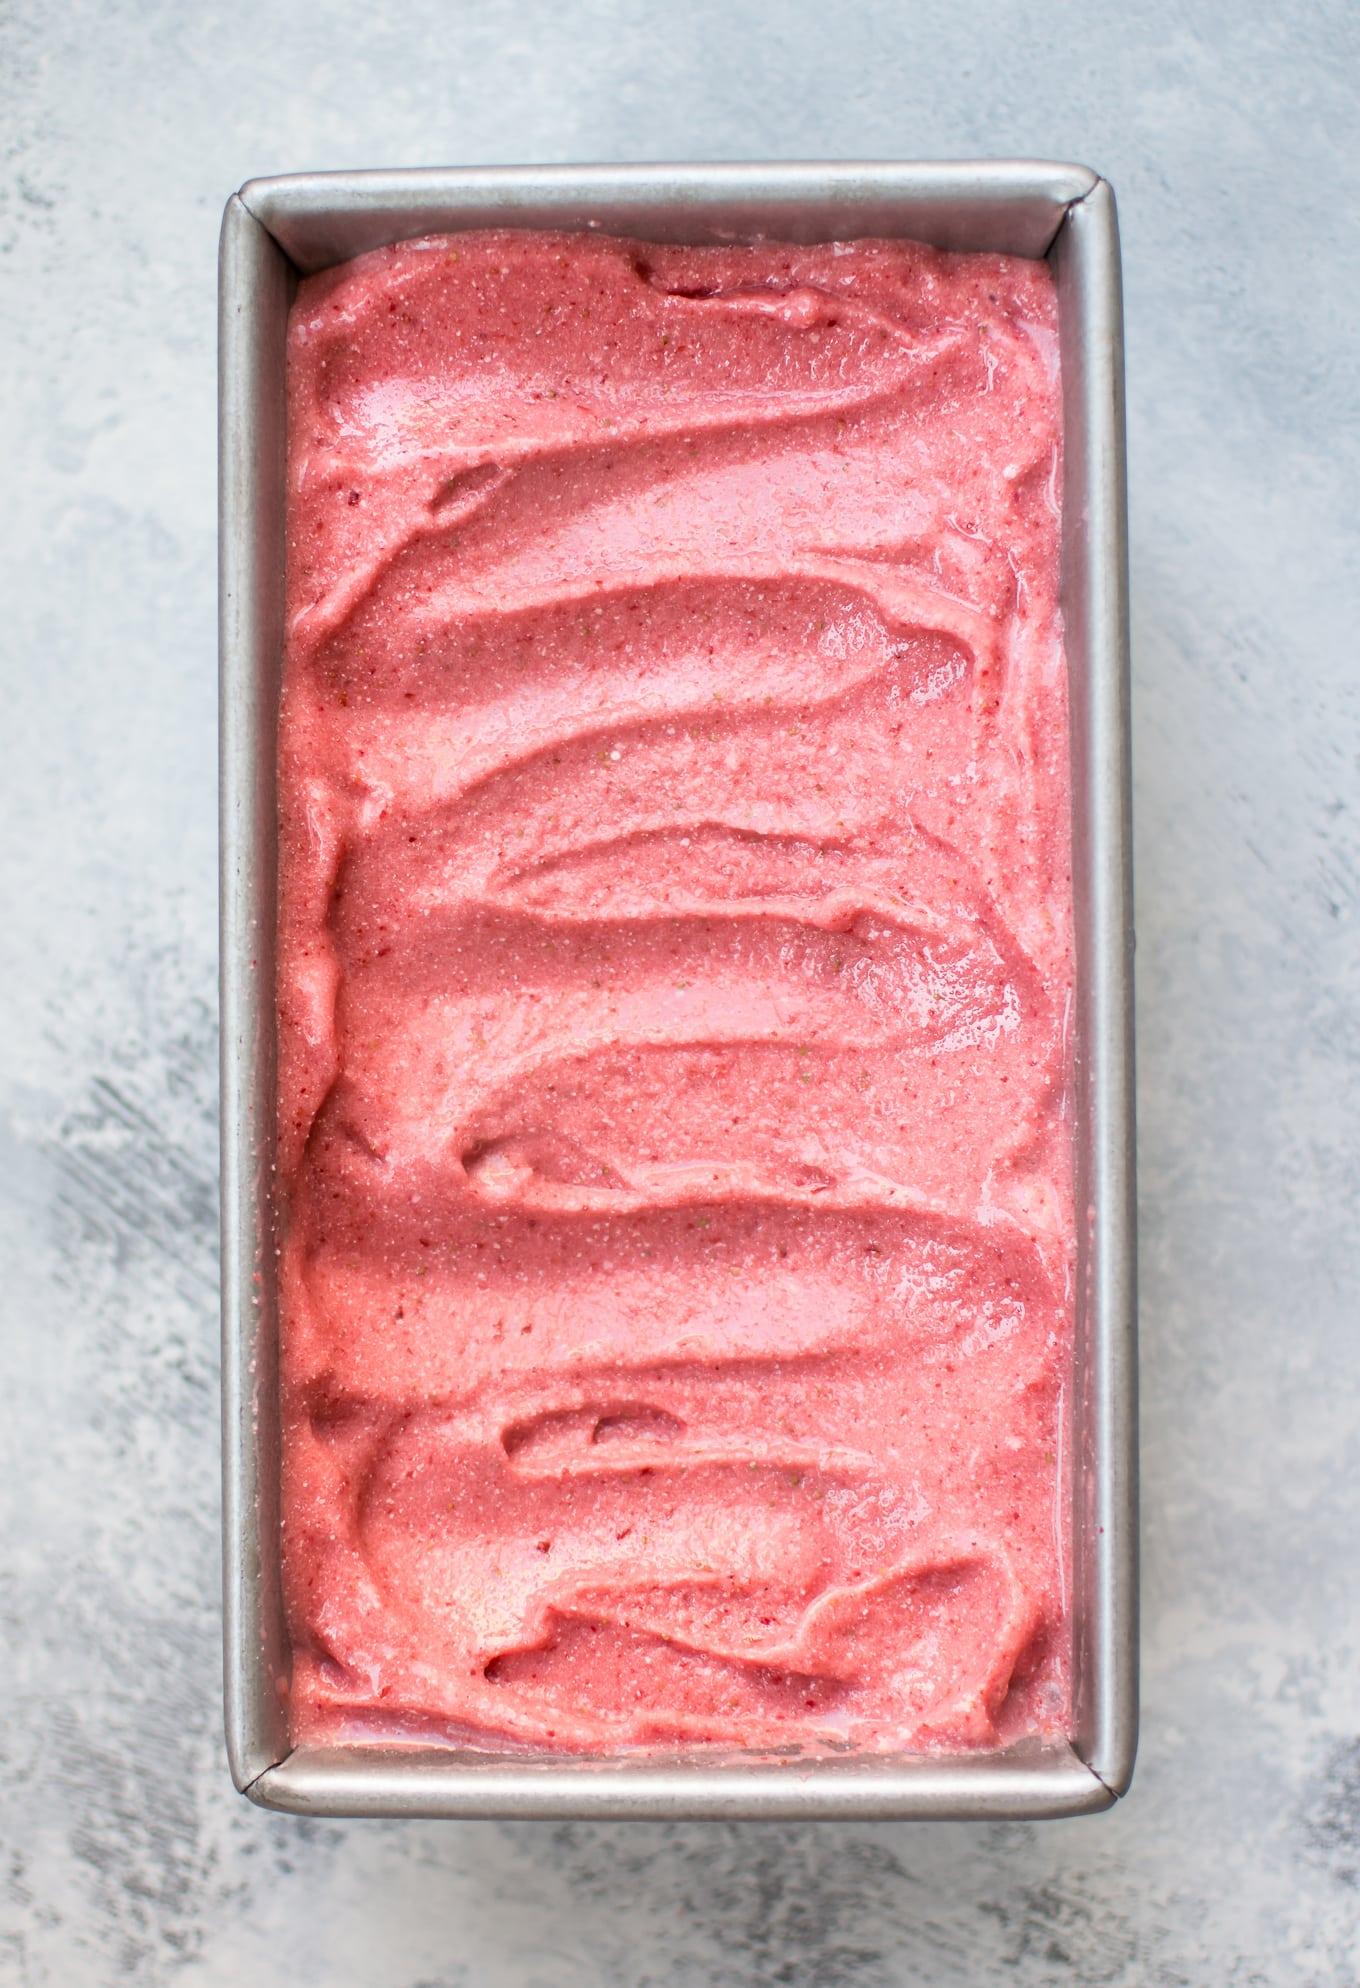 Healthy Vegan Ice Cream